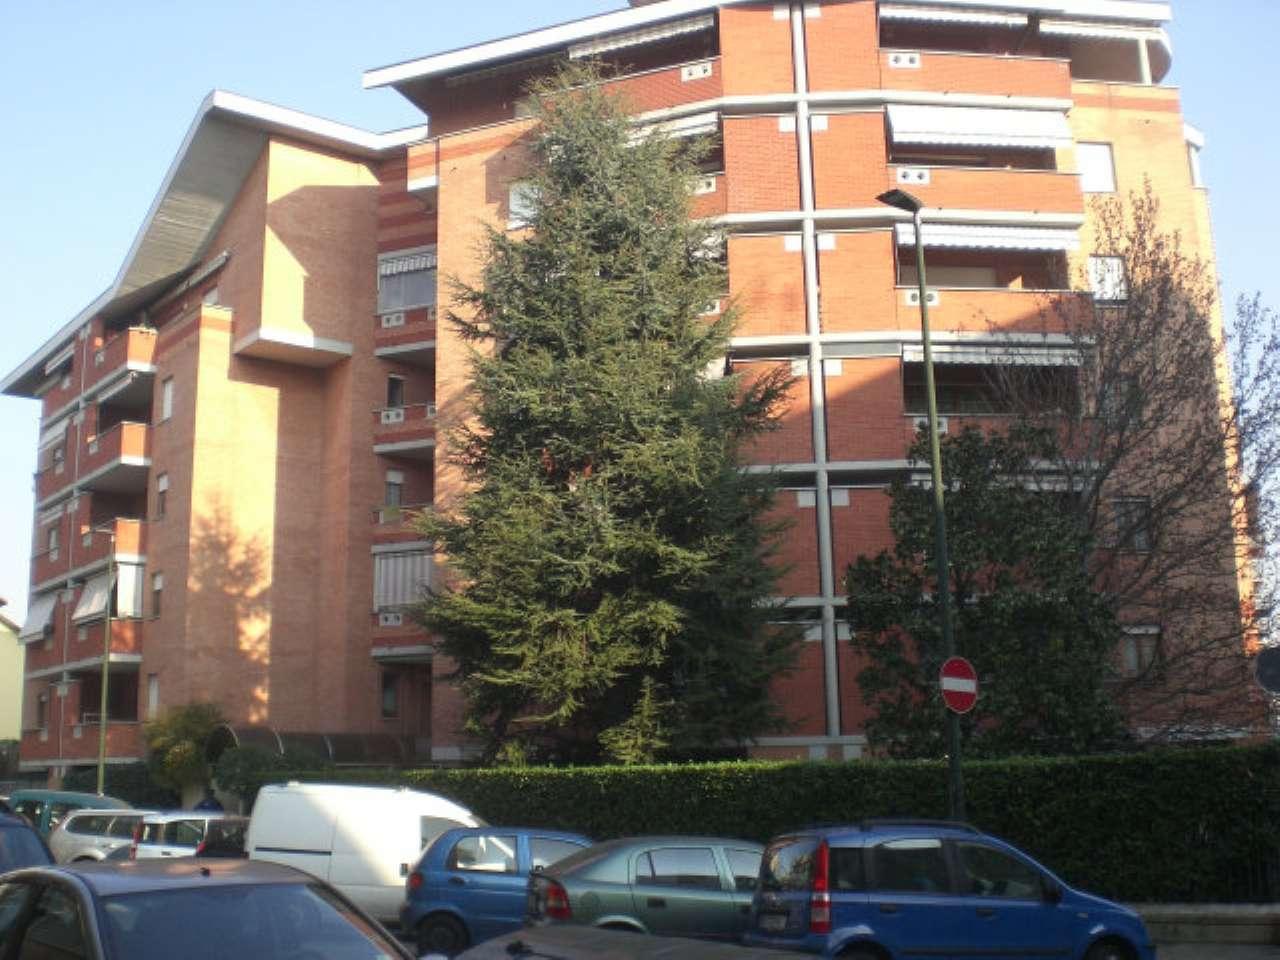 Annunci immobiliari inserzionista studio asiago di torino for Affittasi appartamento asiago